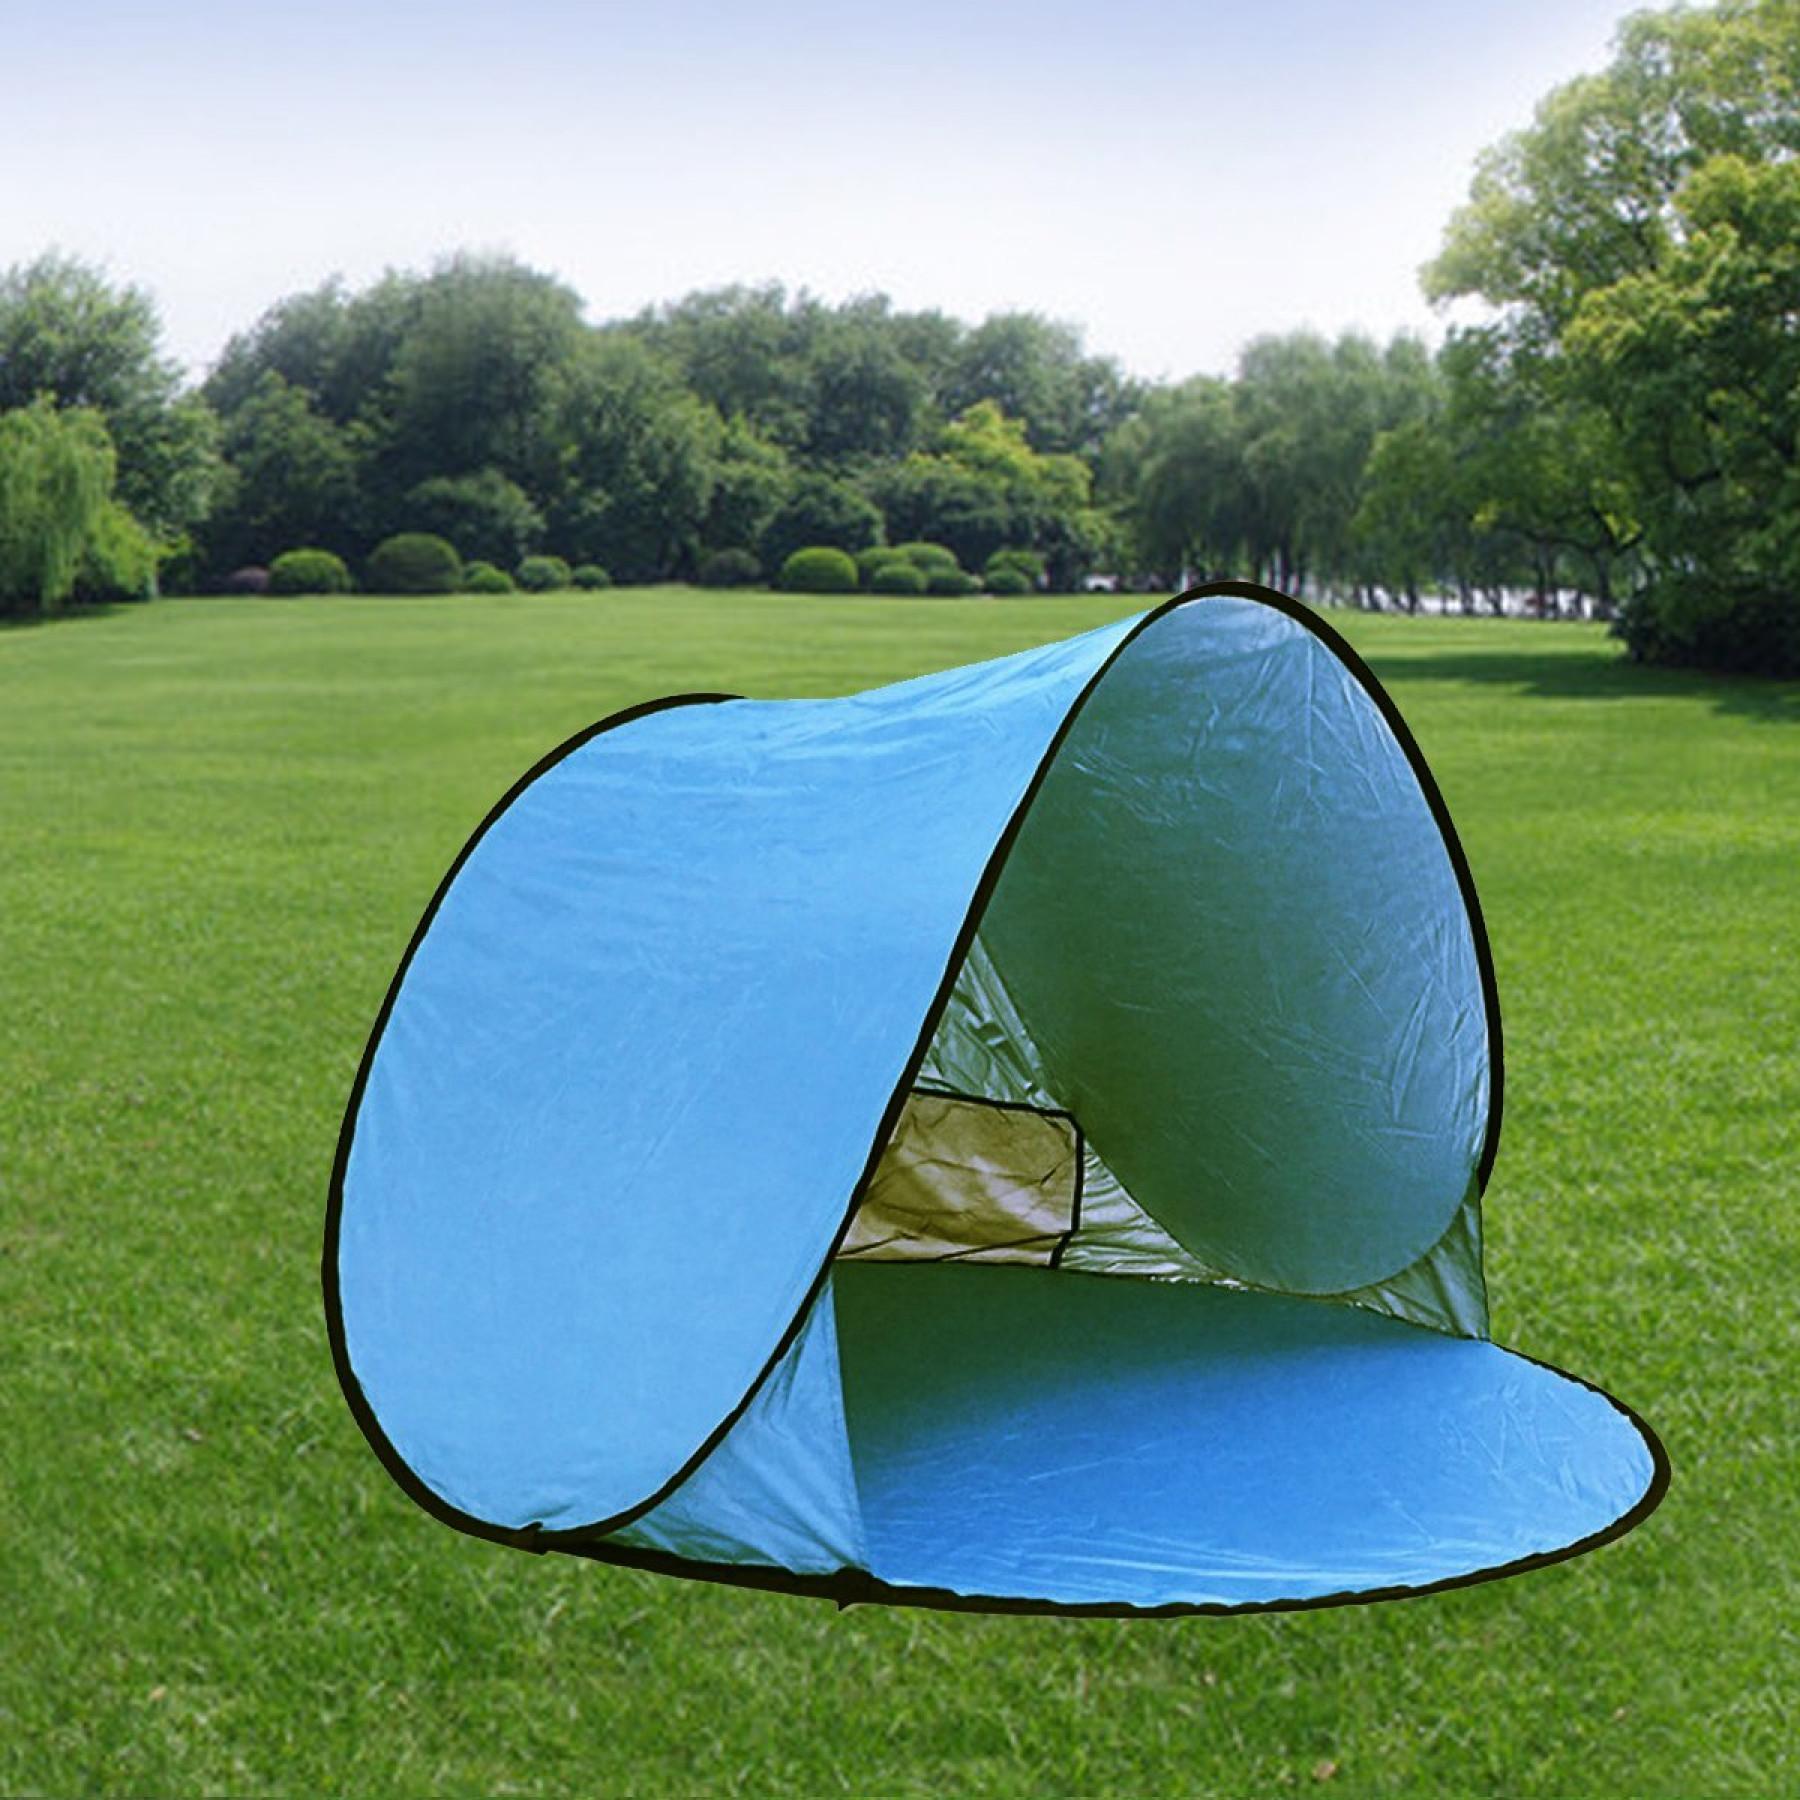 Pop Up Beach Tents : Automatic pop up beach tent portable lightweight sun